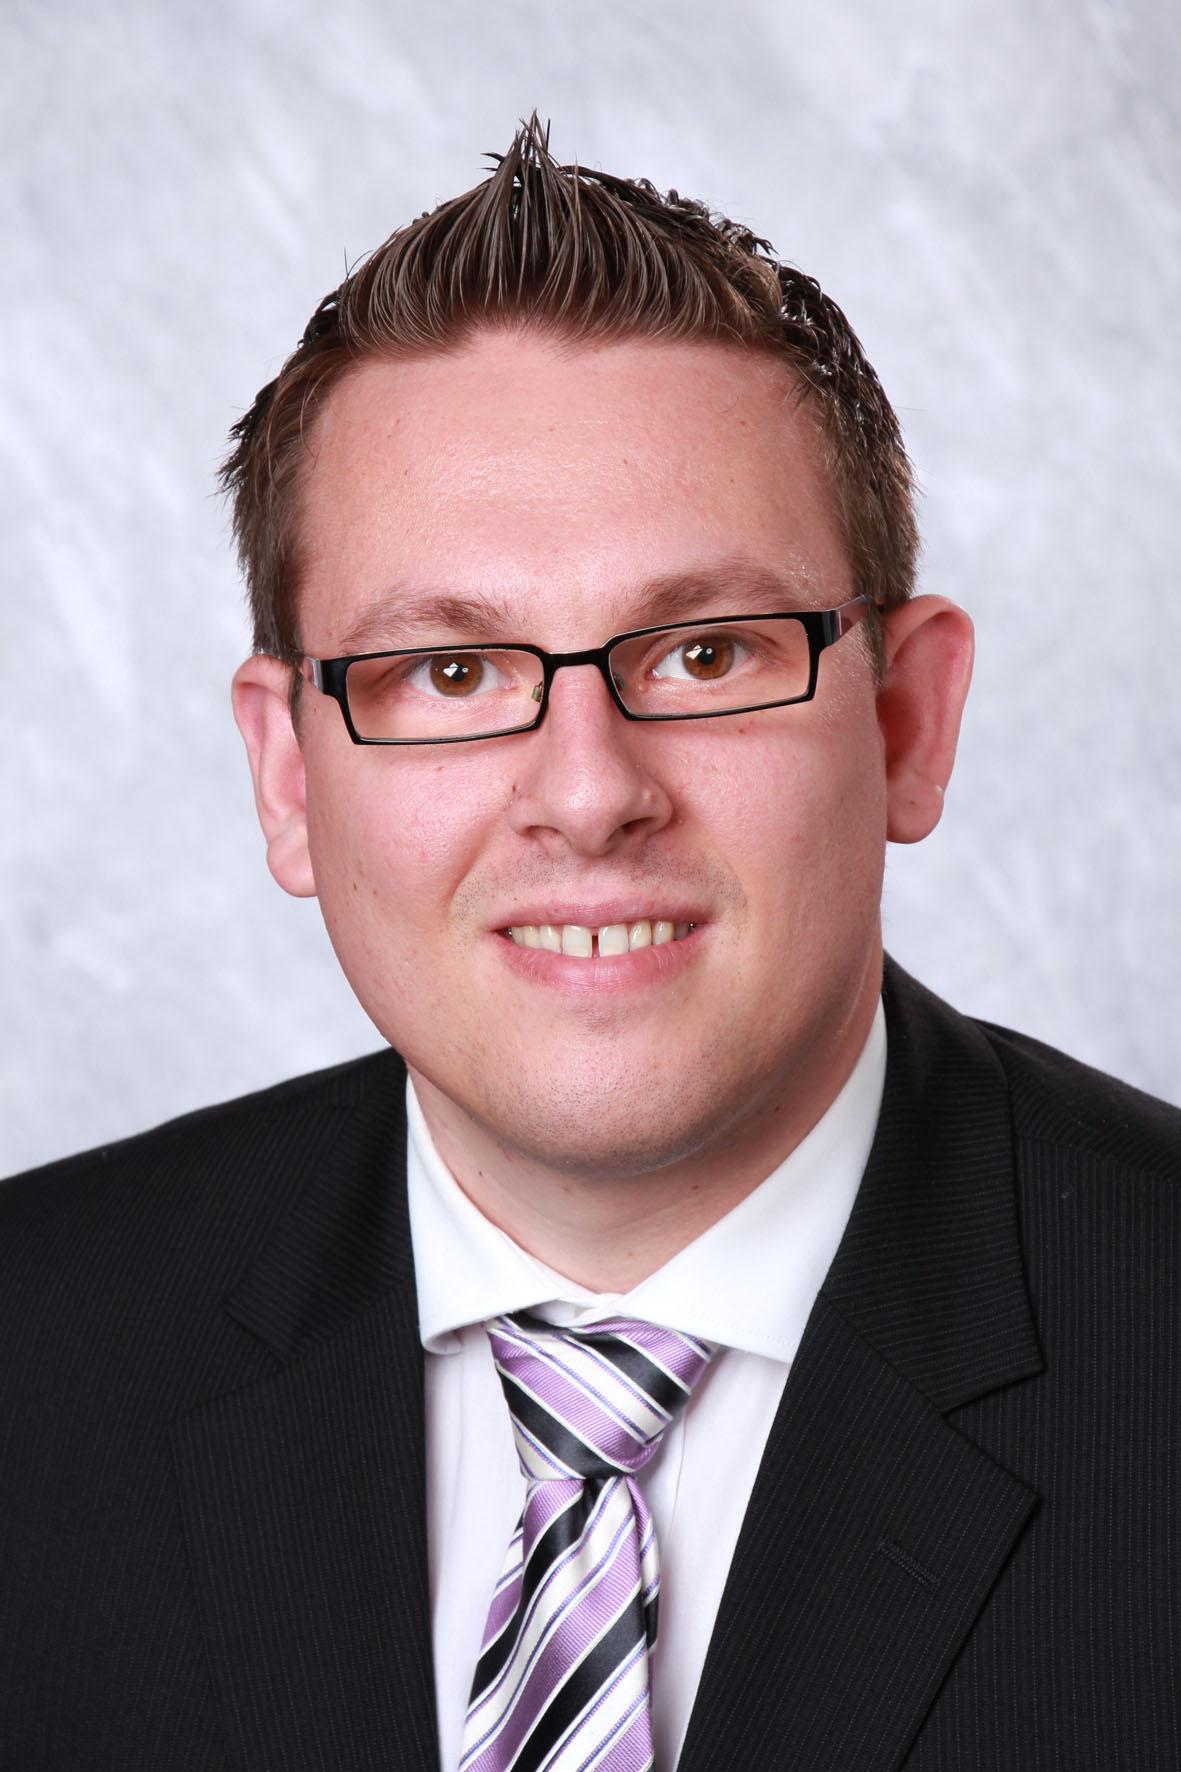 Portrait von Tobias Hench